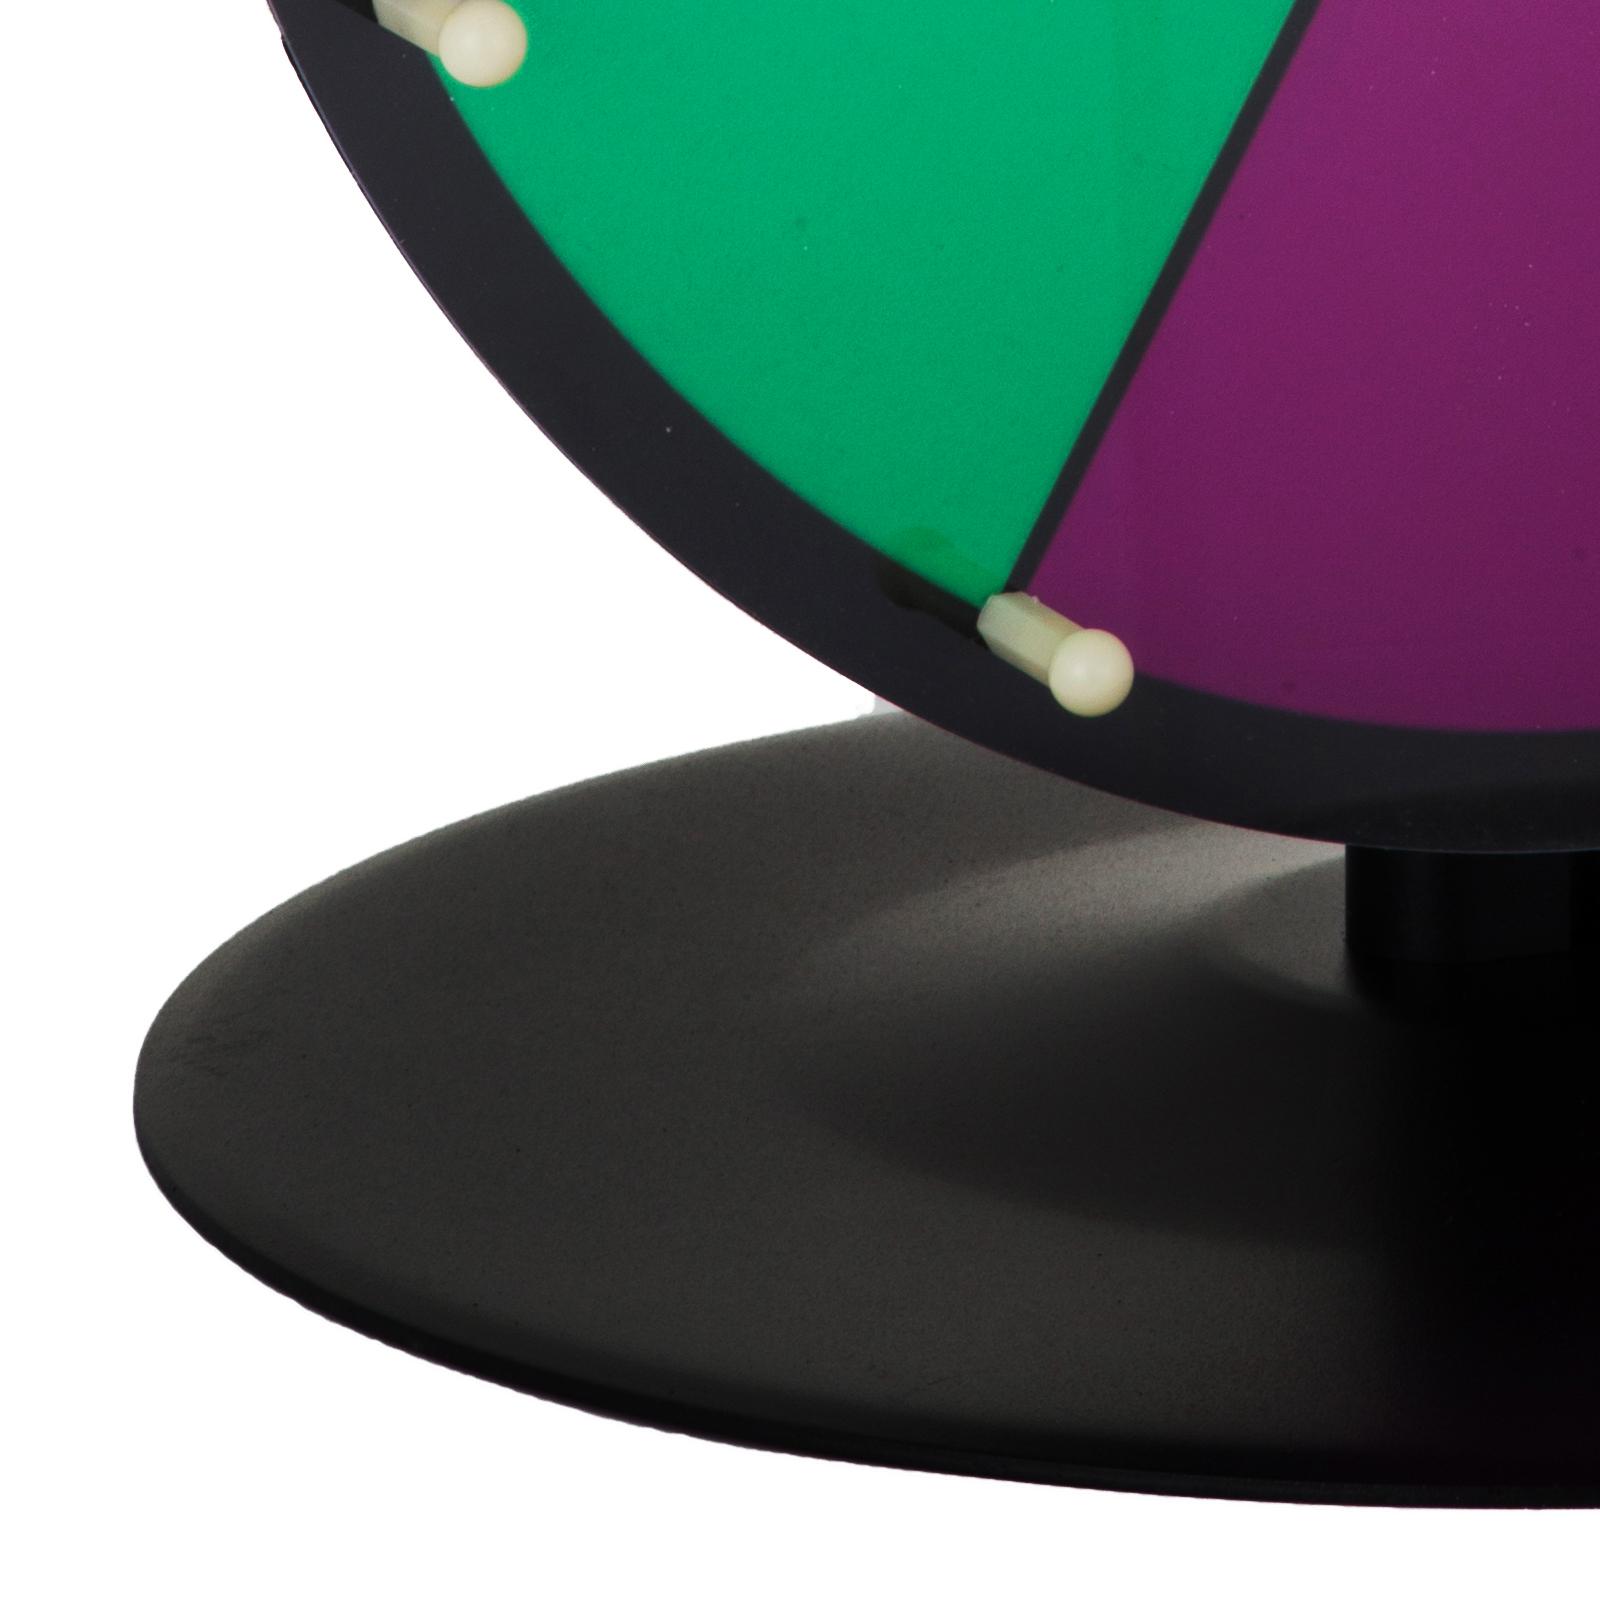 24-18-15-Ruota-Della-Fortuna-di-Colore-14-Slots-Gioco-Spin-Con-Supporto-Festa miniatura 46